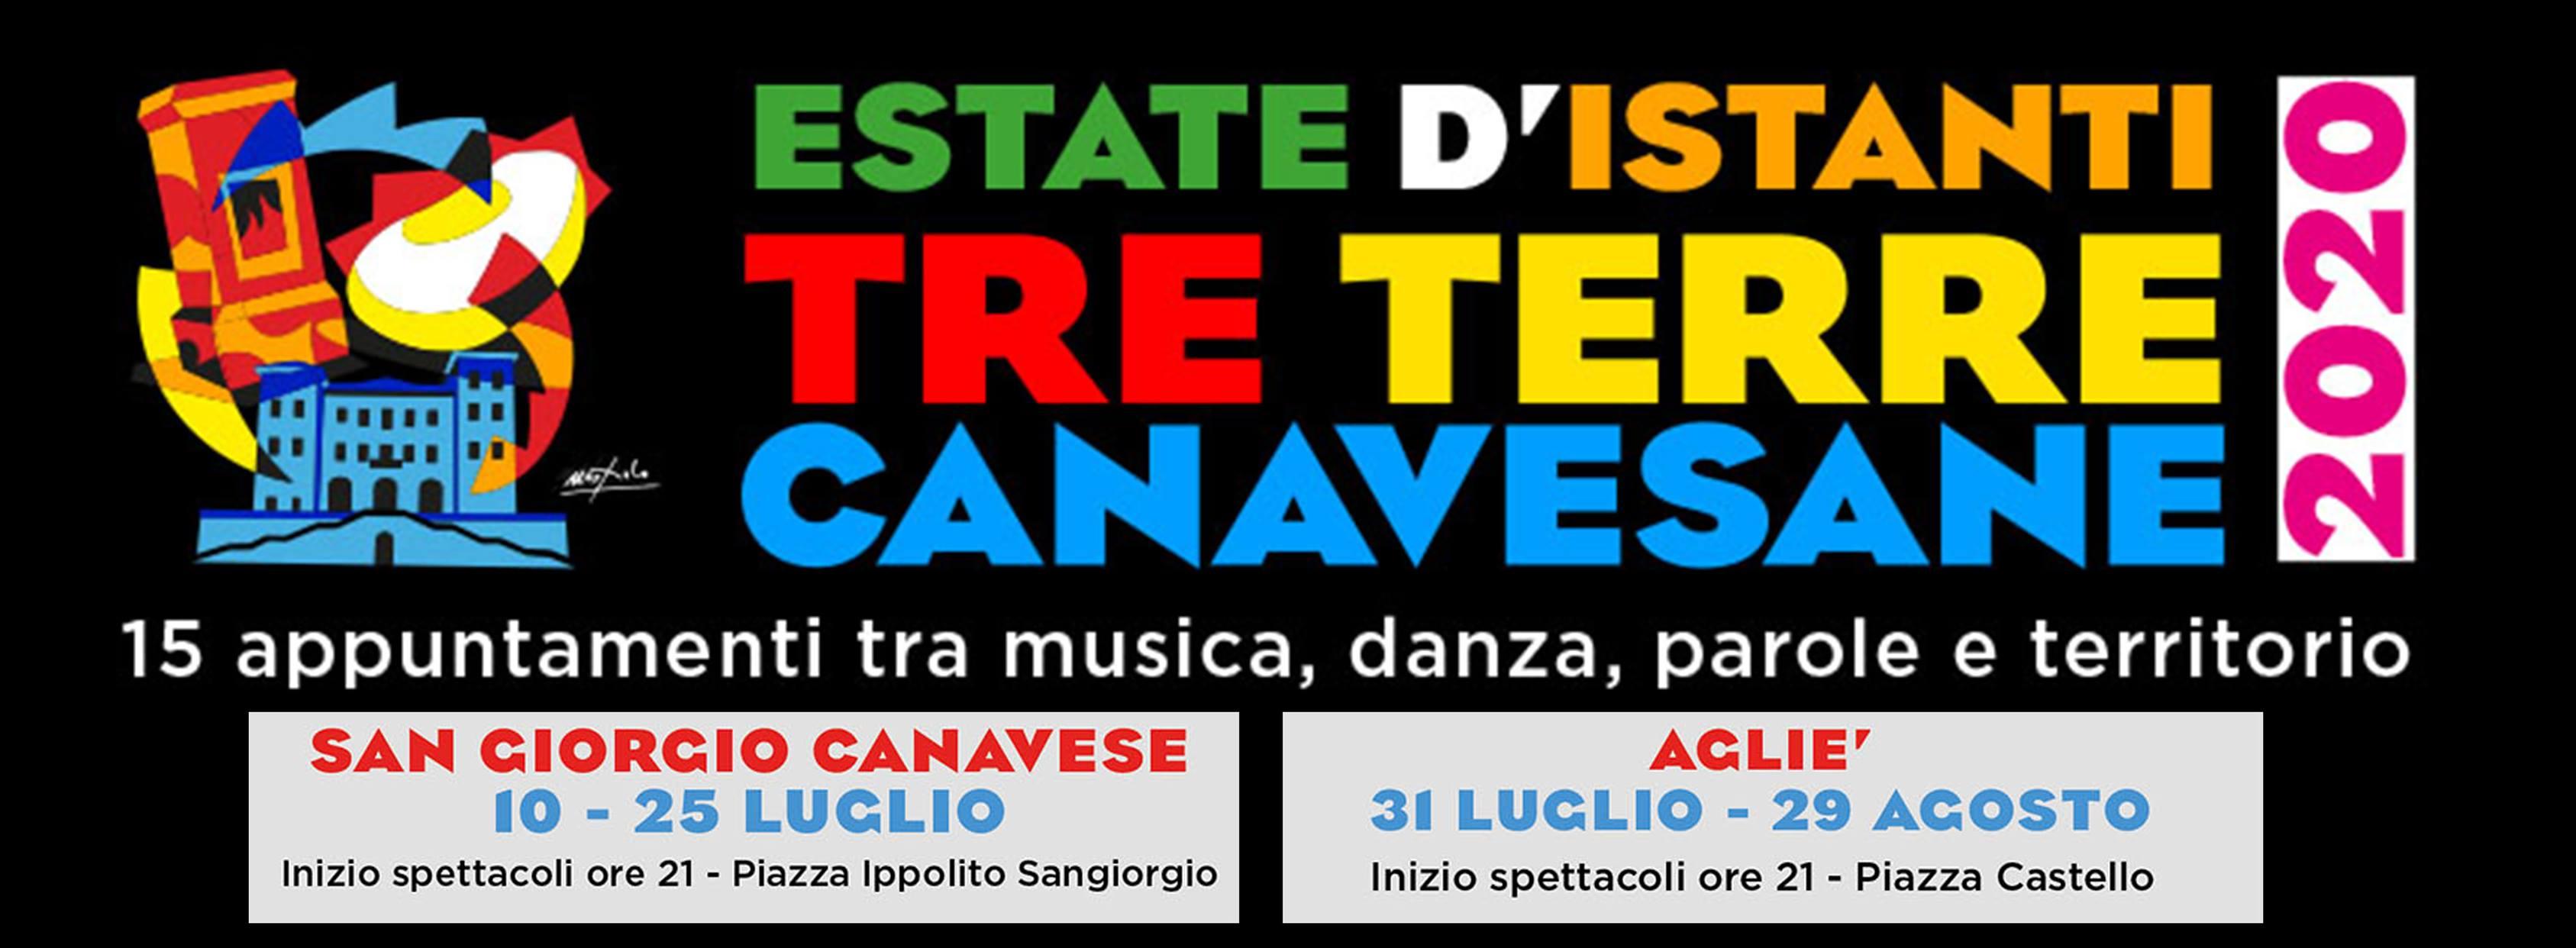 Aglie_tre_terre_canavesane_ritagliato